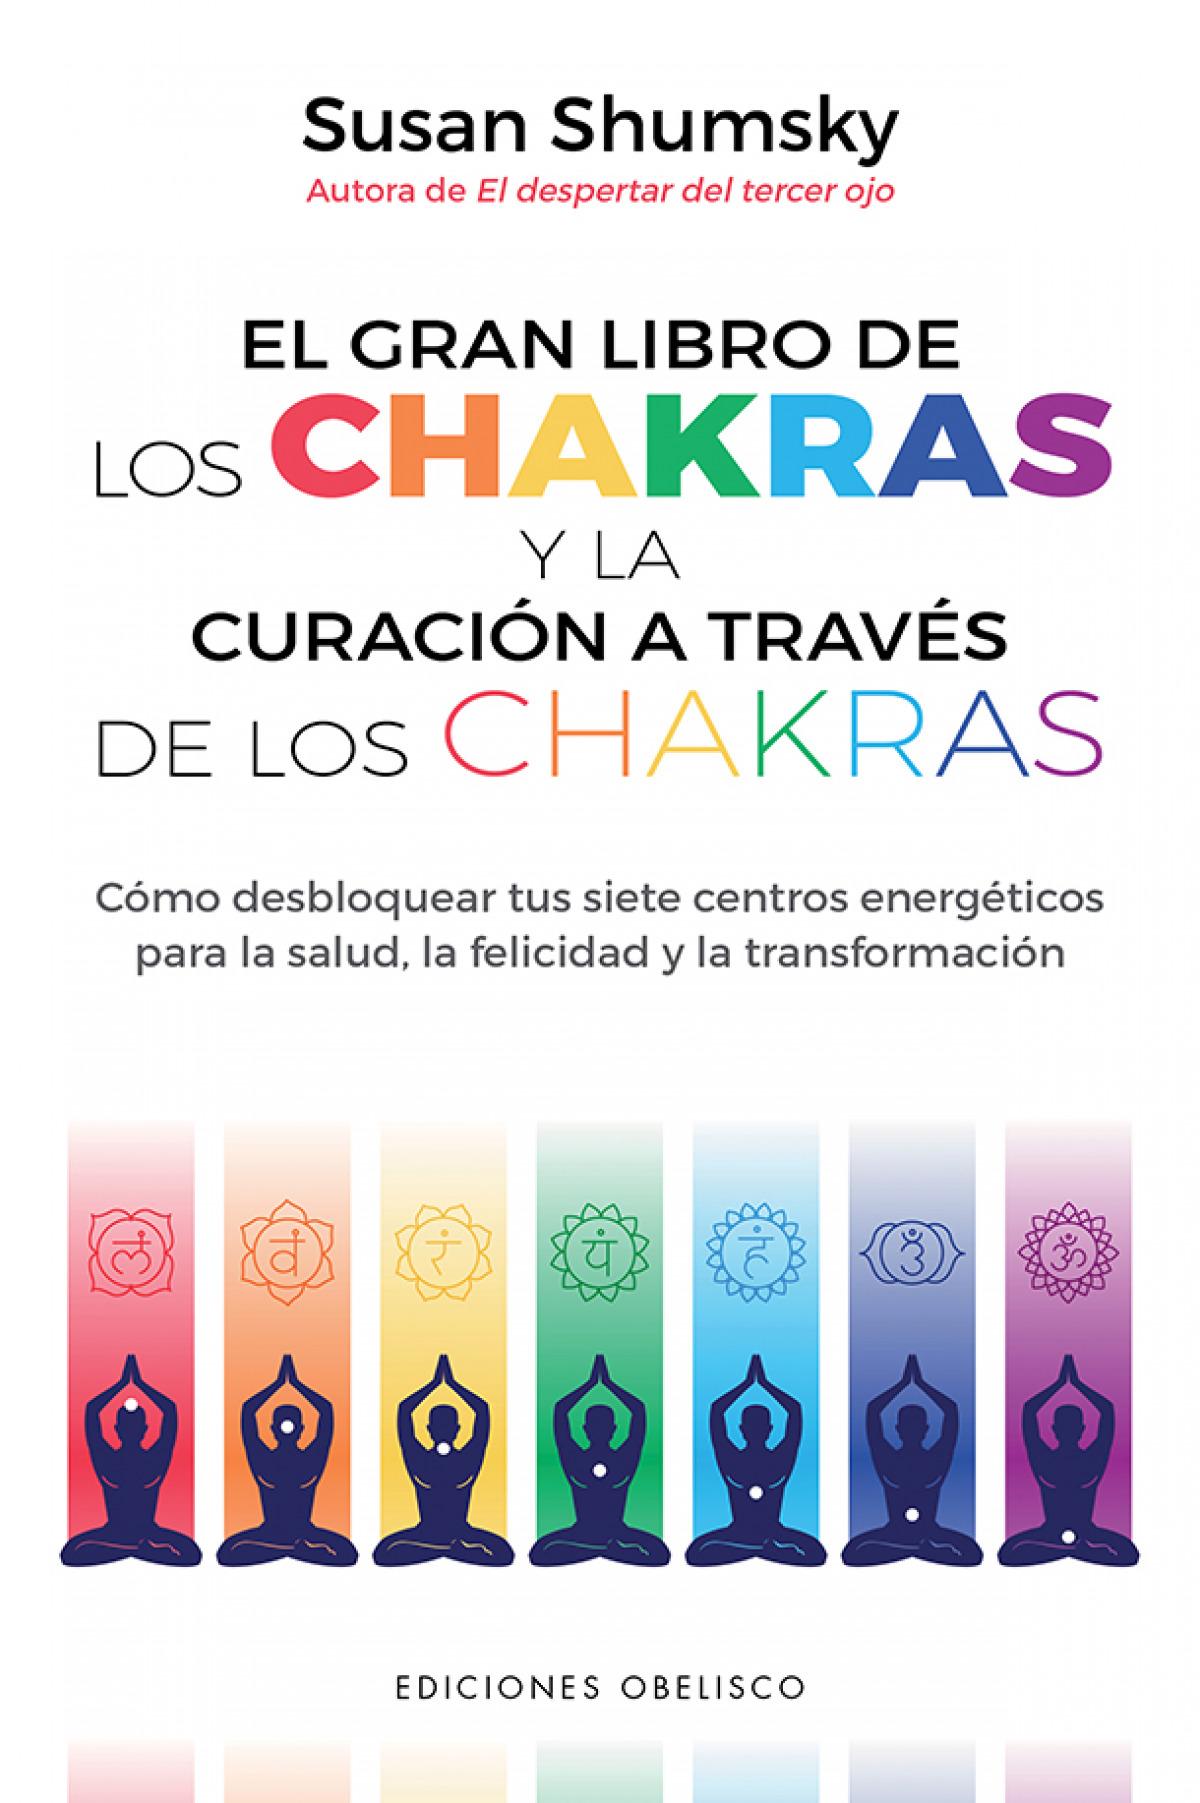 El gran libro de los chakras y la curación a través de los chakras